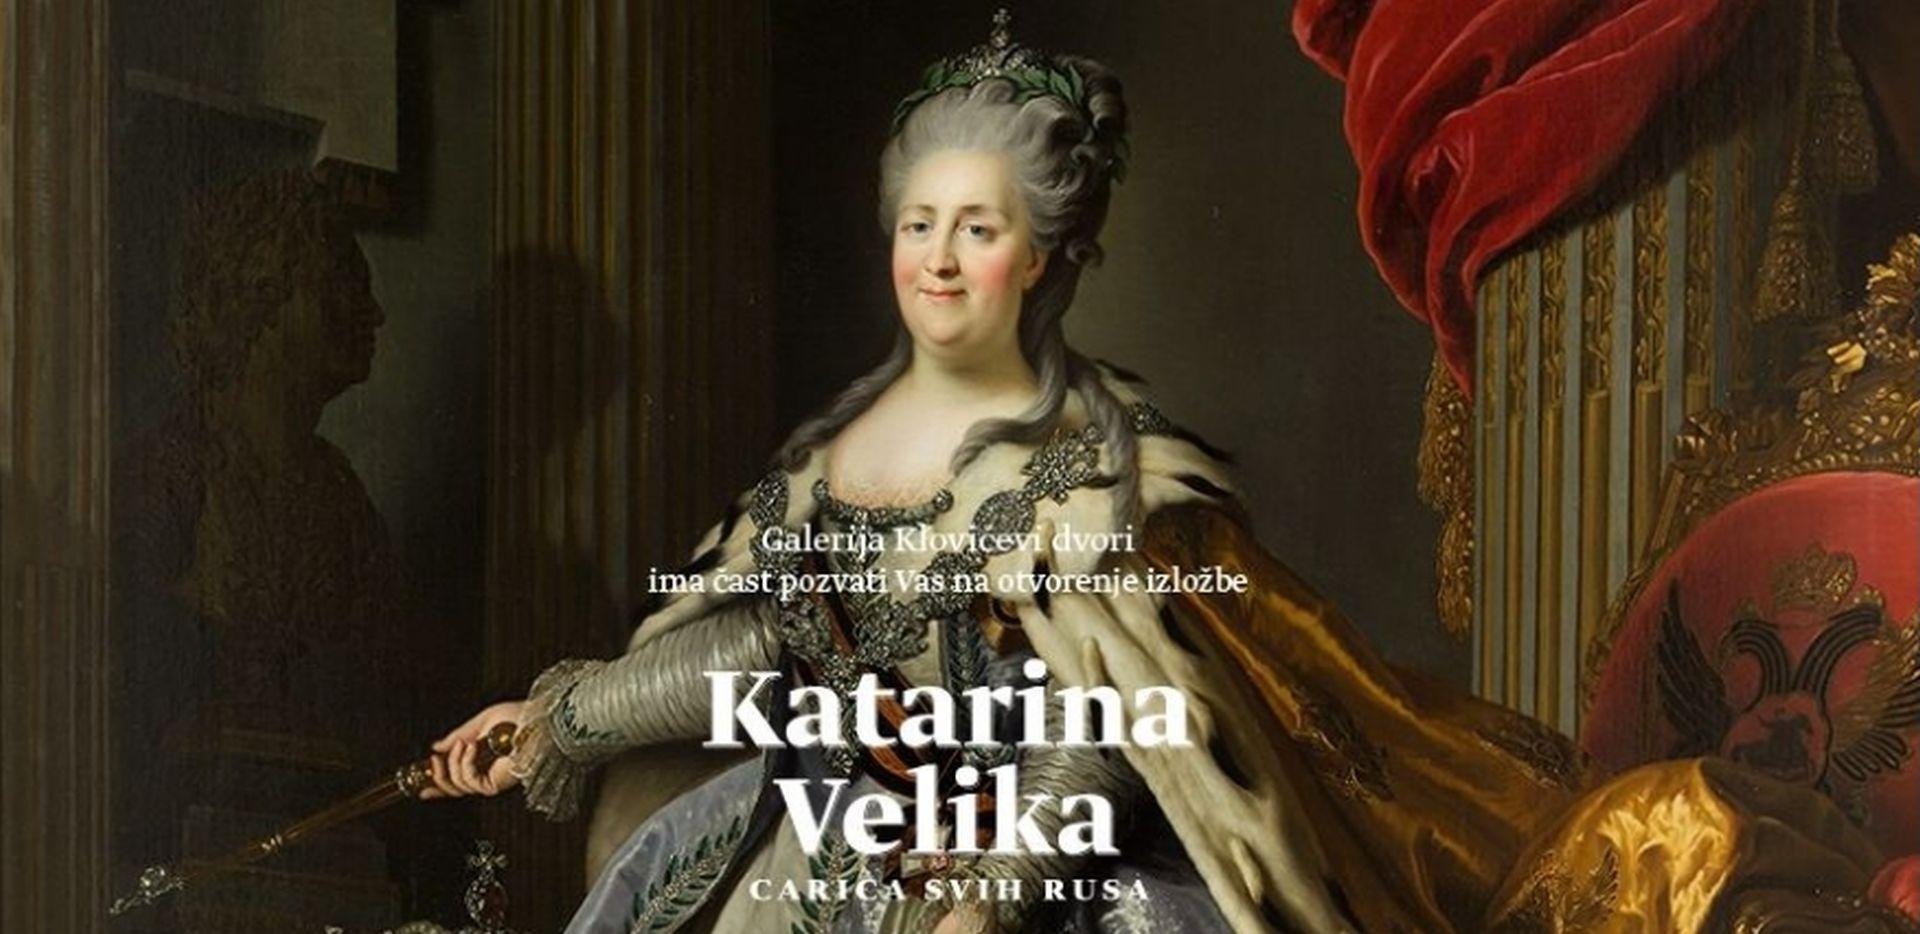 Izložba o Katarini Velikoj od četvrtka u Galeriji Klovićevi dvori